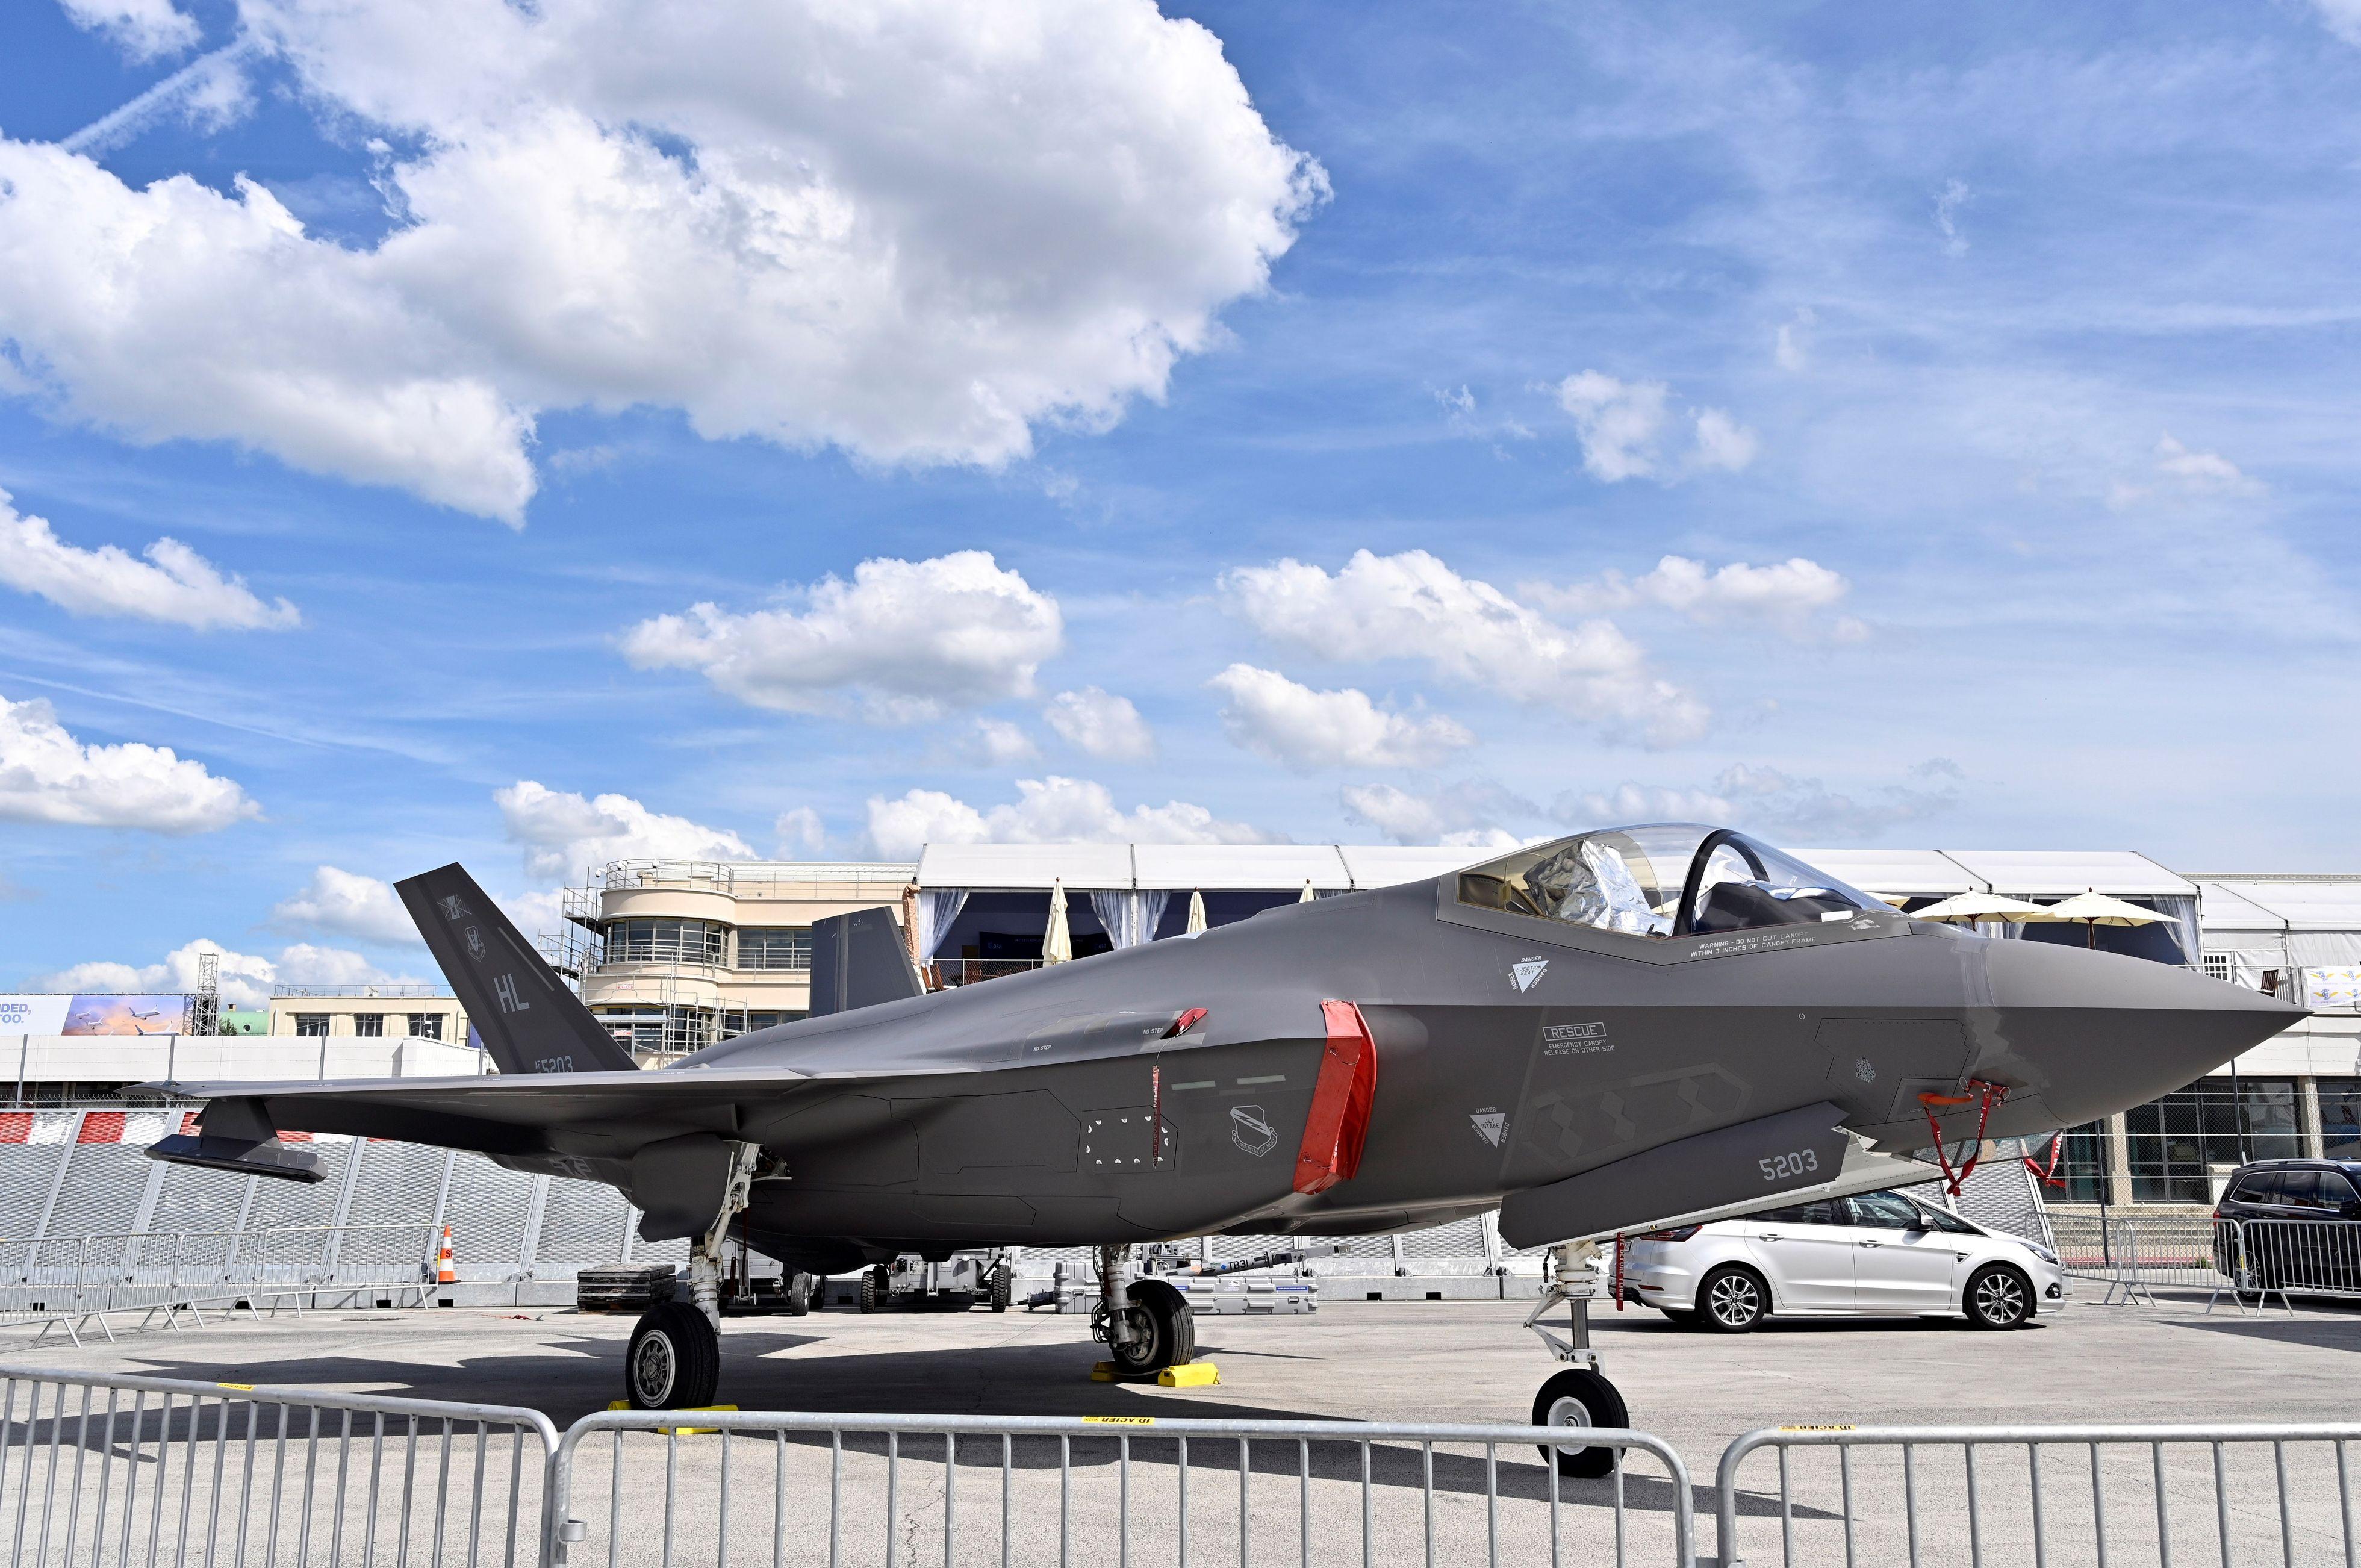 F-35 em exposição no Paris Air Show 2019 [Agência Anadolu Getty Images]